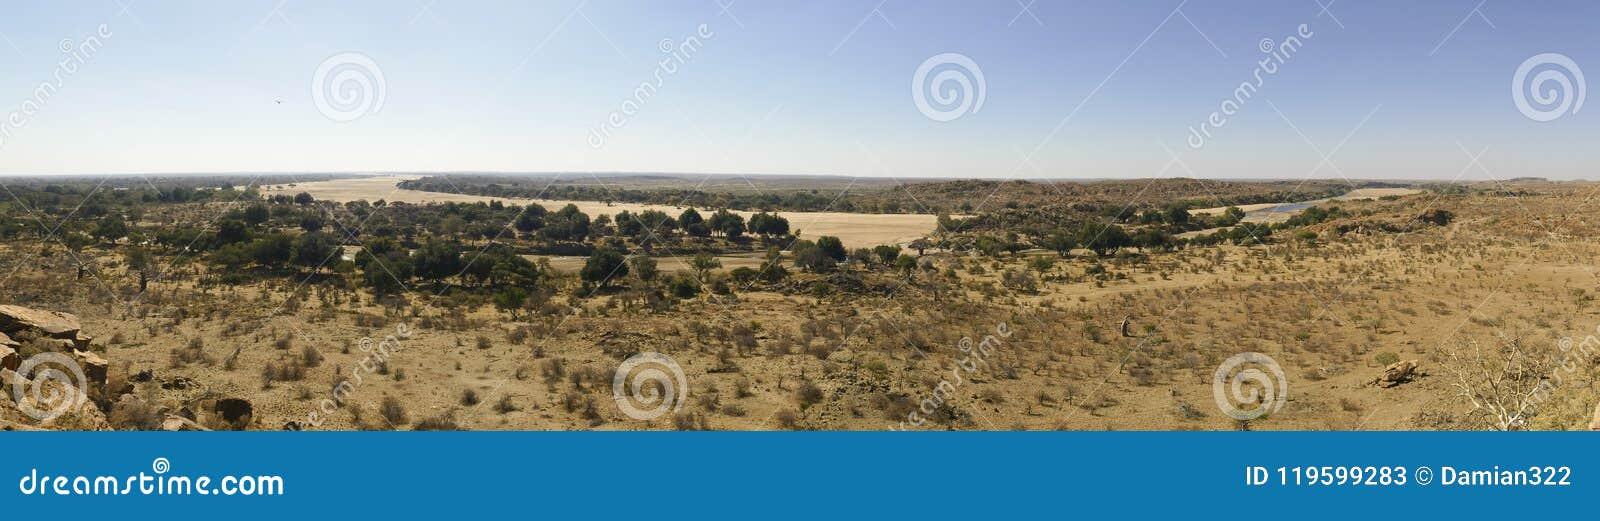 Limpoporivier landschap van de overgang het woestijn van Mapungubwe-Natie